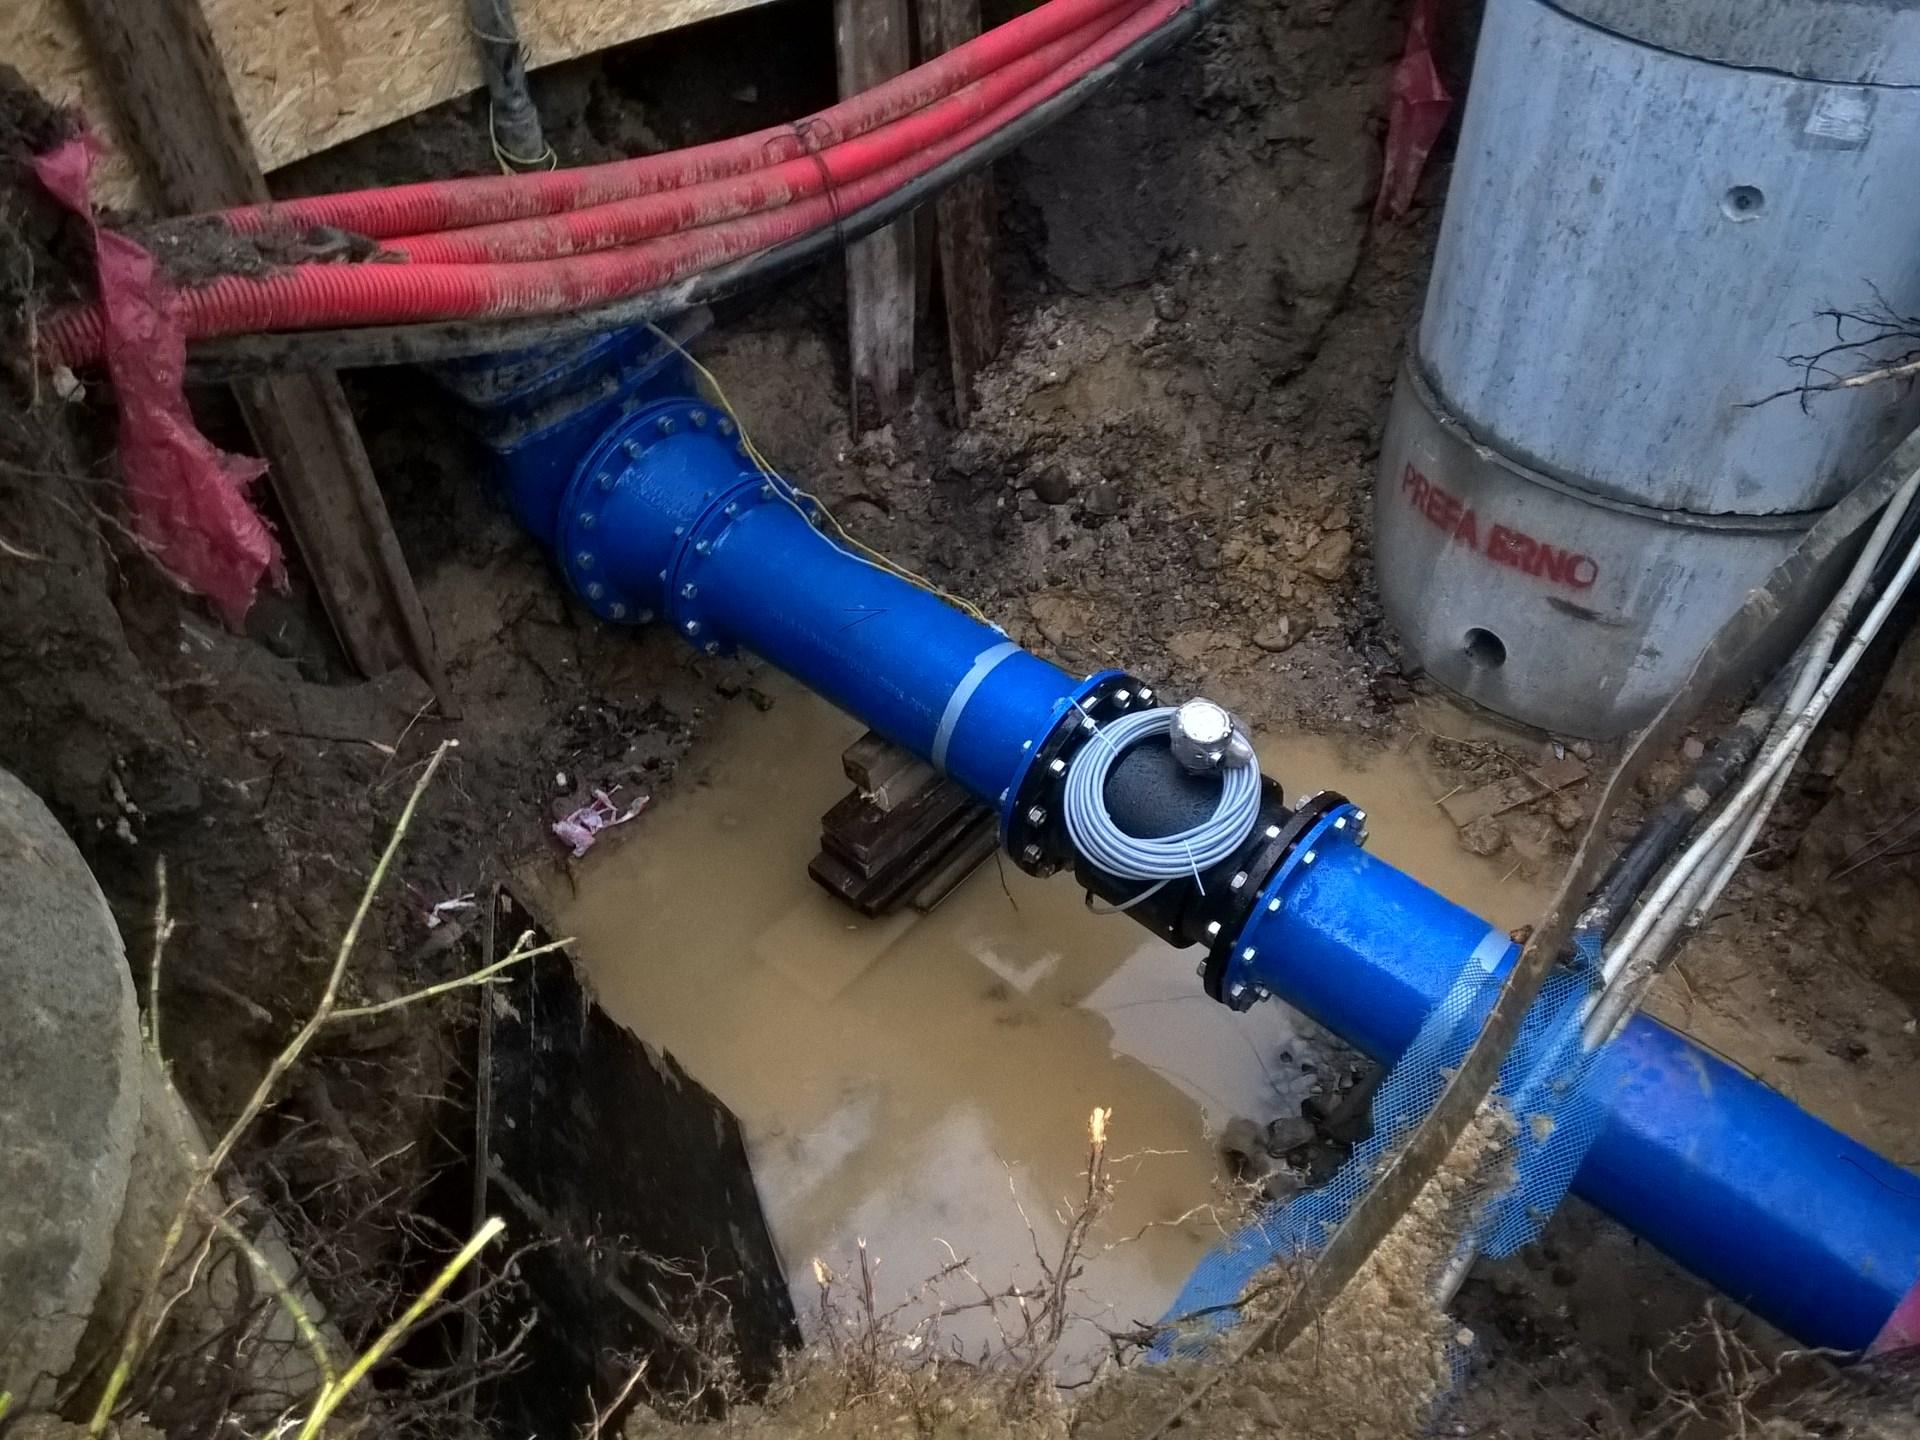 Prodej drenážní technika, potrubí, kanalizace, odpady